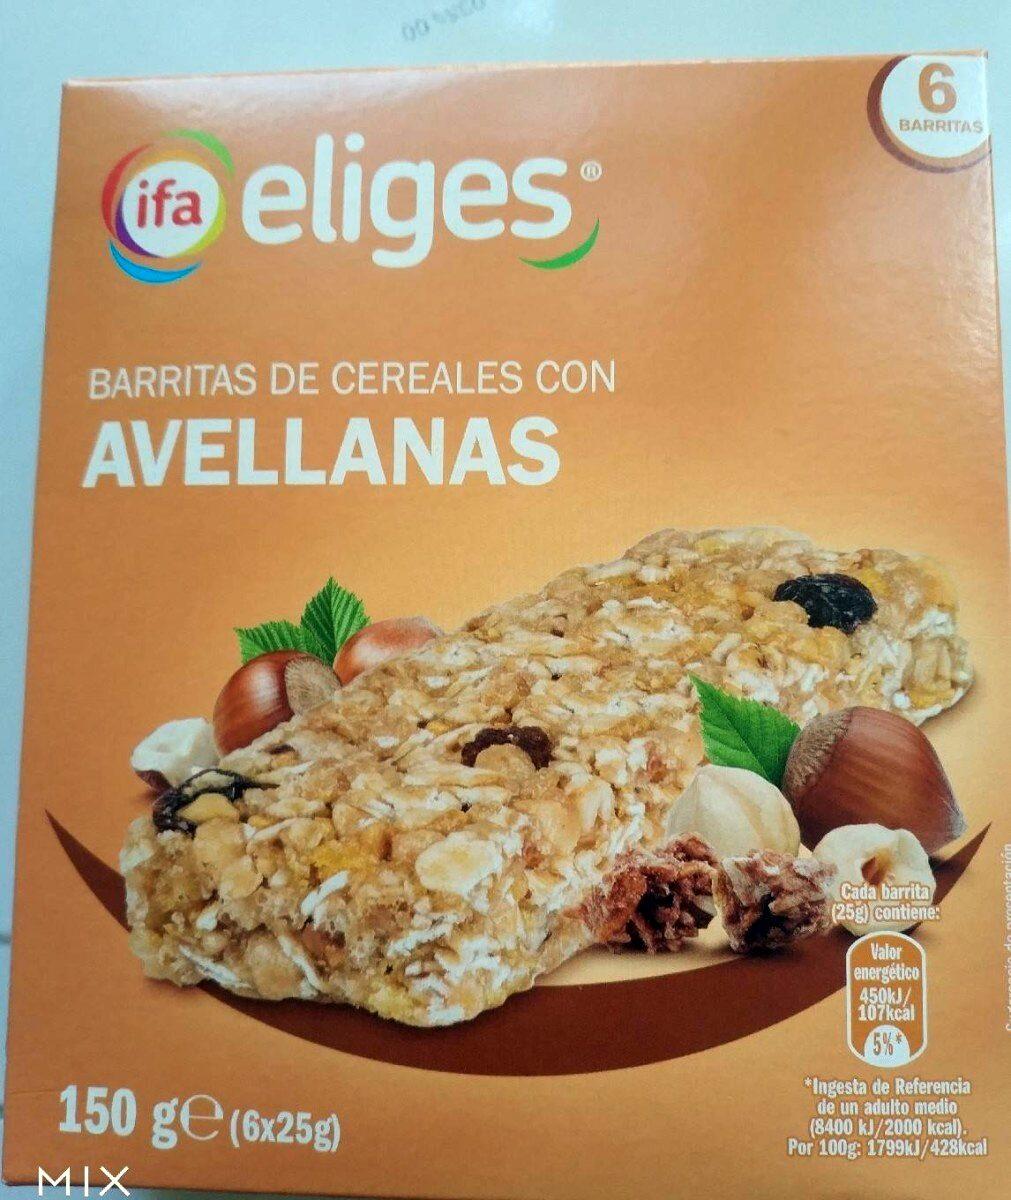 Barritas de cereales con avellanas - Product - es